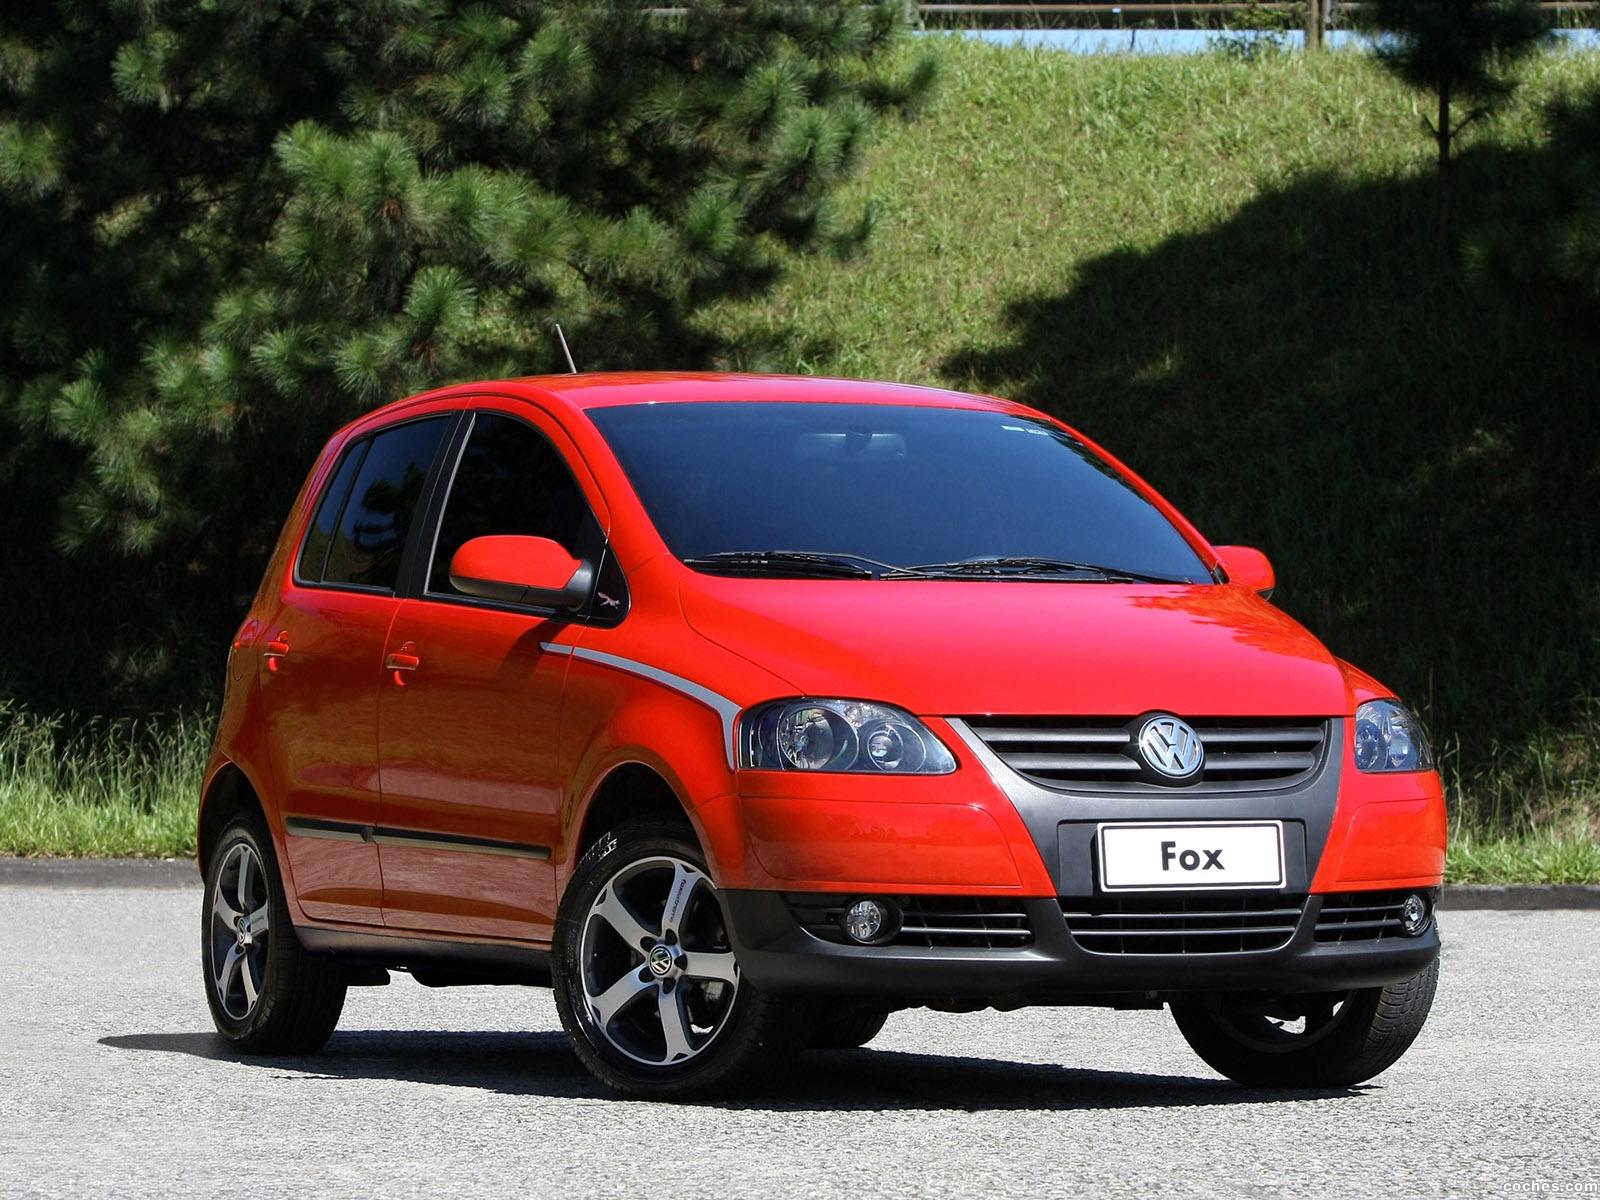 Foto 0 de Volkswagen Fox Extreme 2008